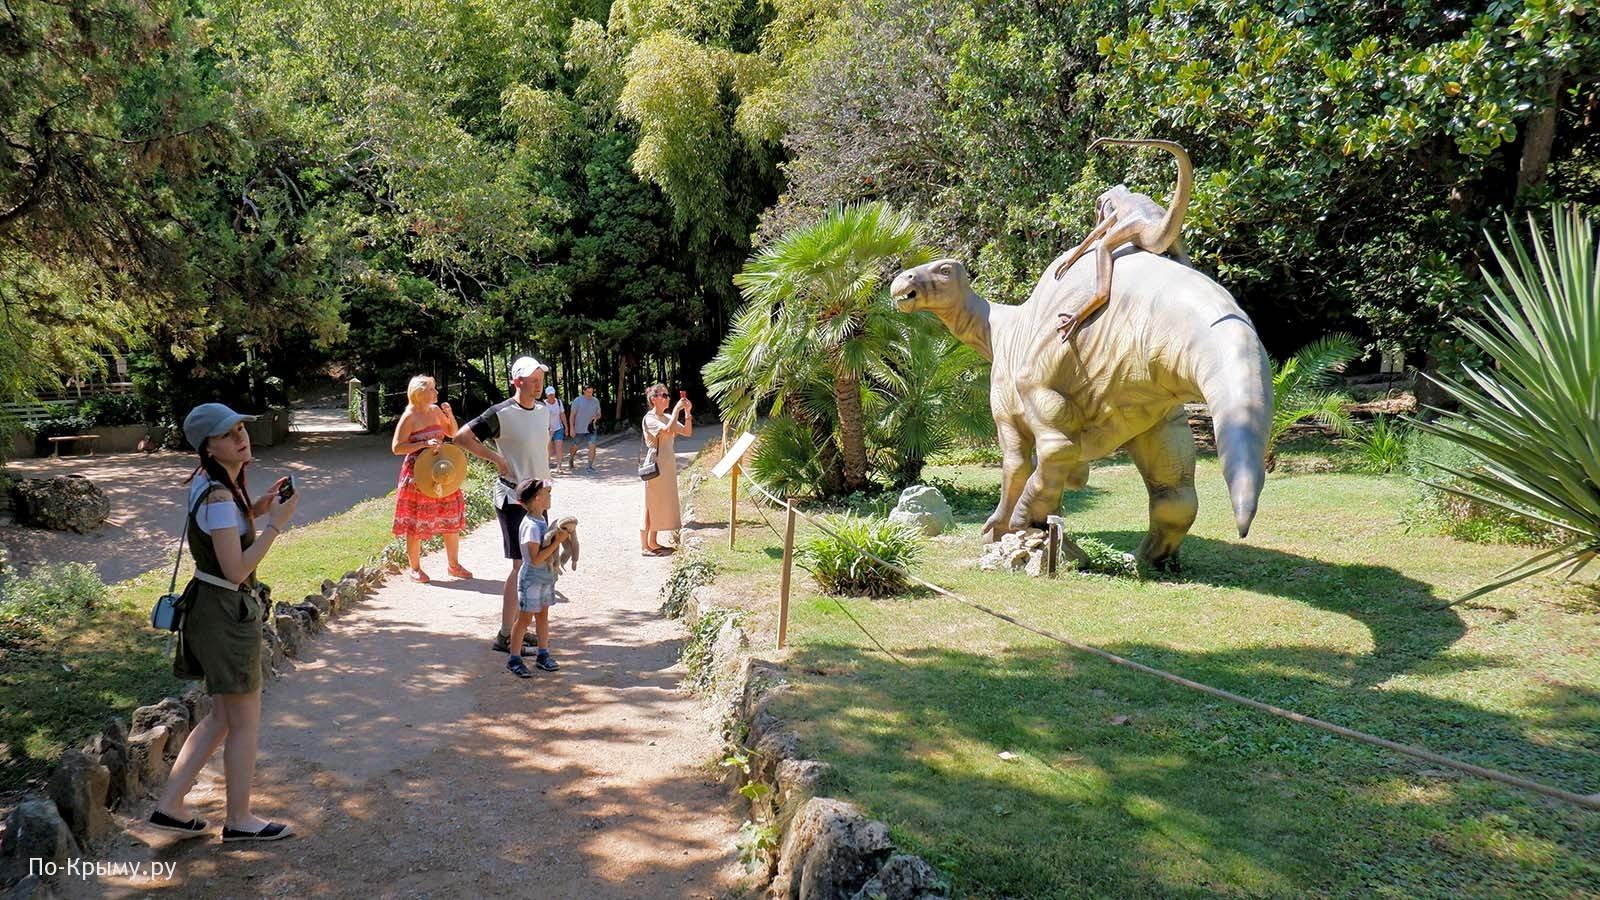 Приморский парк Никитского ботанического сада - динопарк